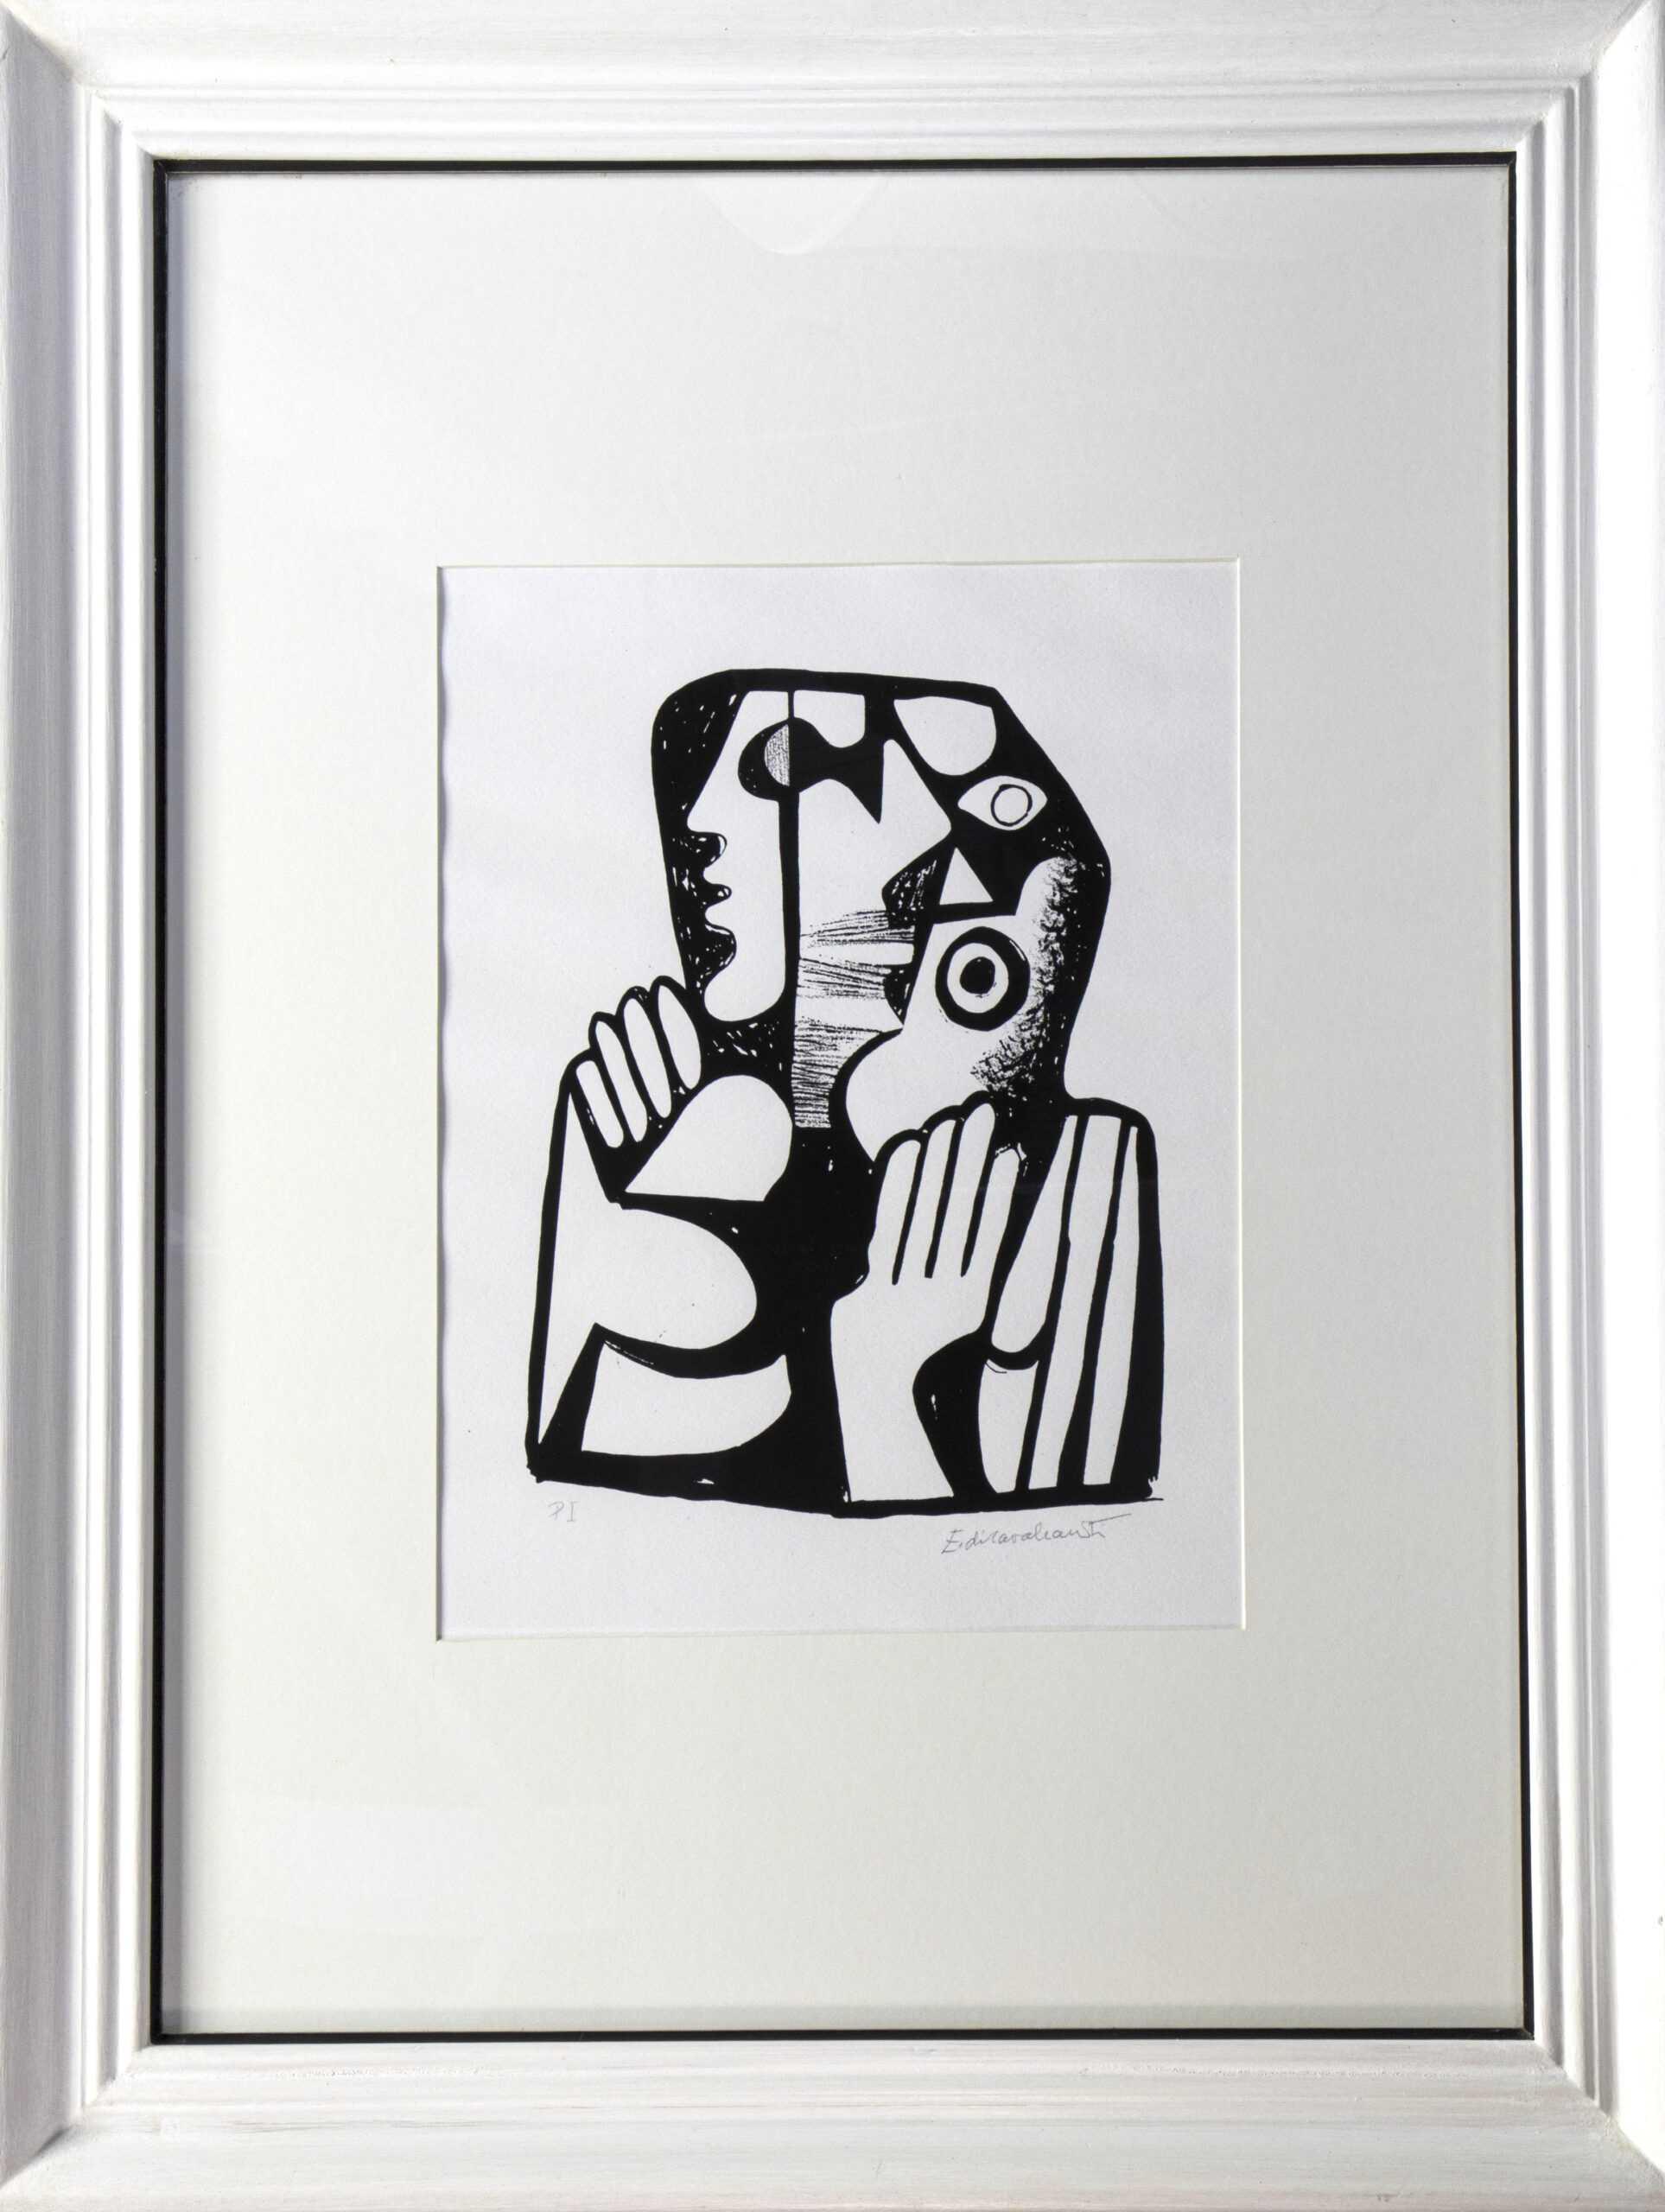 663 - Di Cavalcante - Serigrafia - 40x60cm